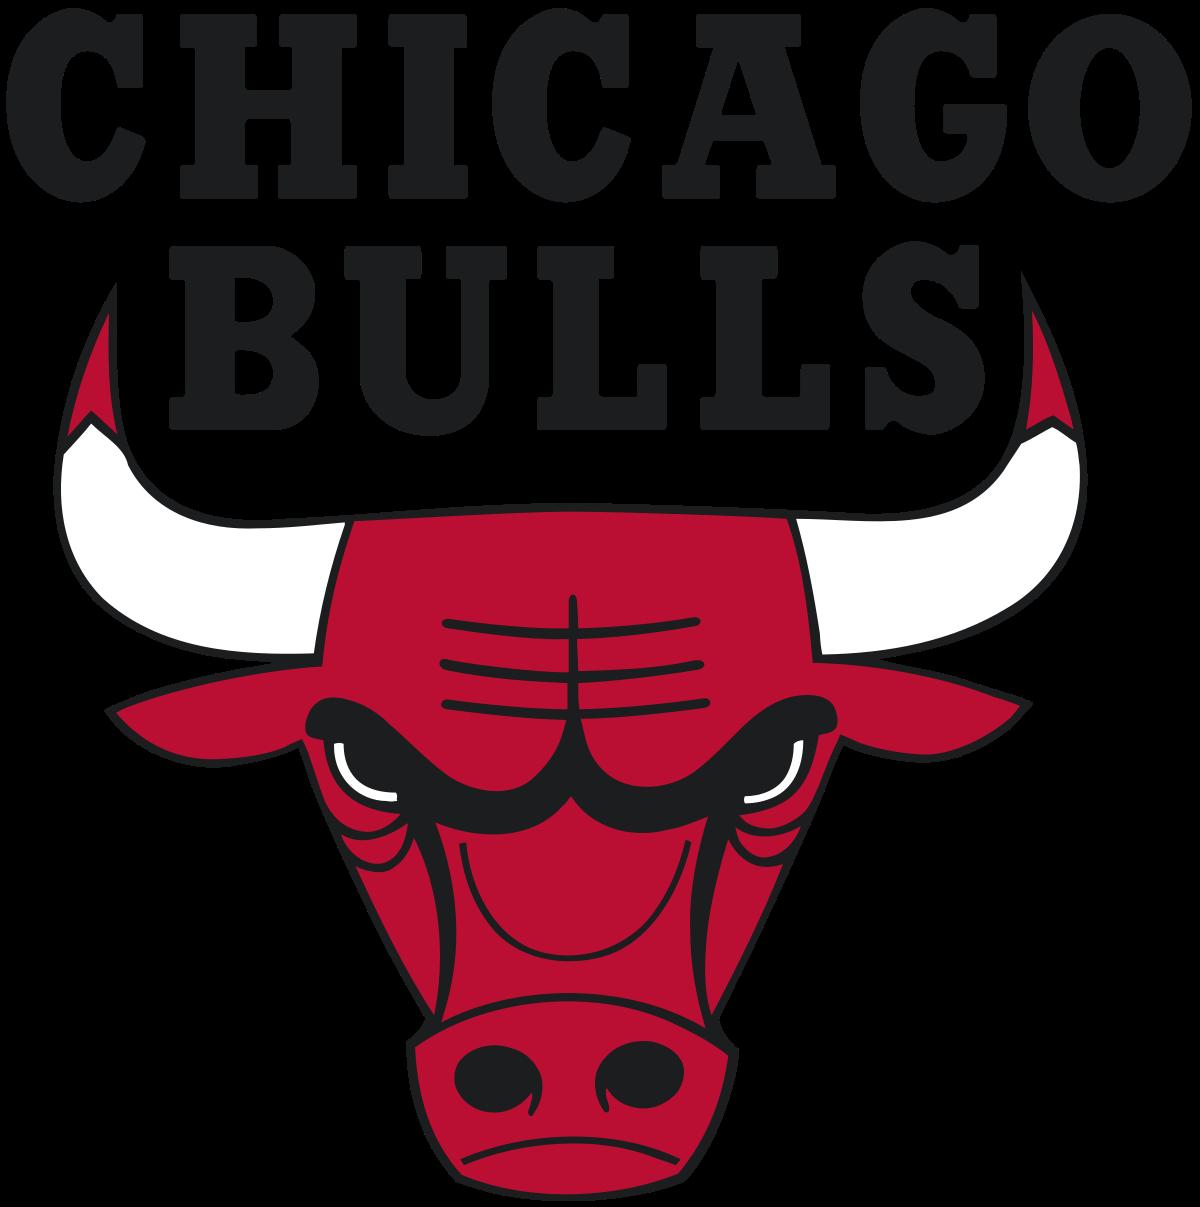 Red Bull clipart chicago bulls #3